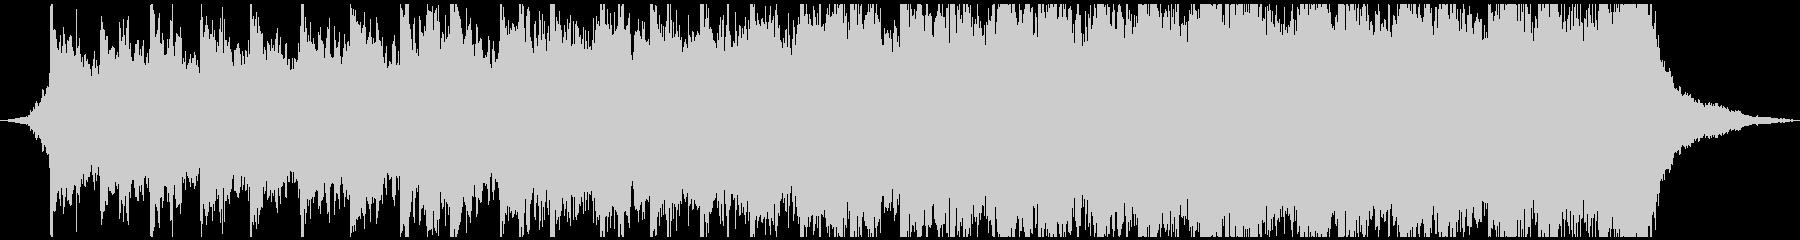 イントロトレーラーの未再生の波形